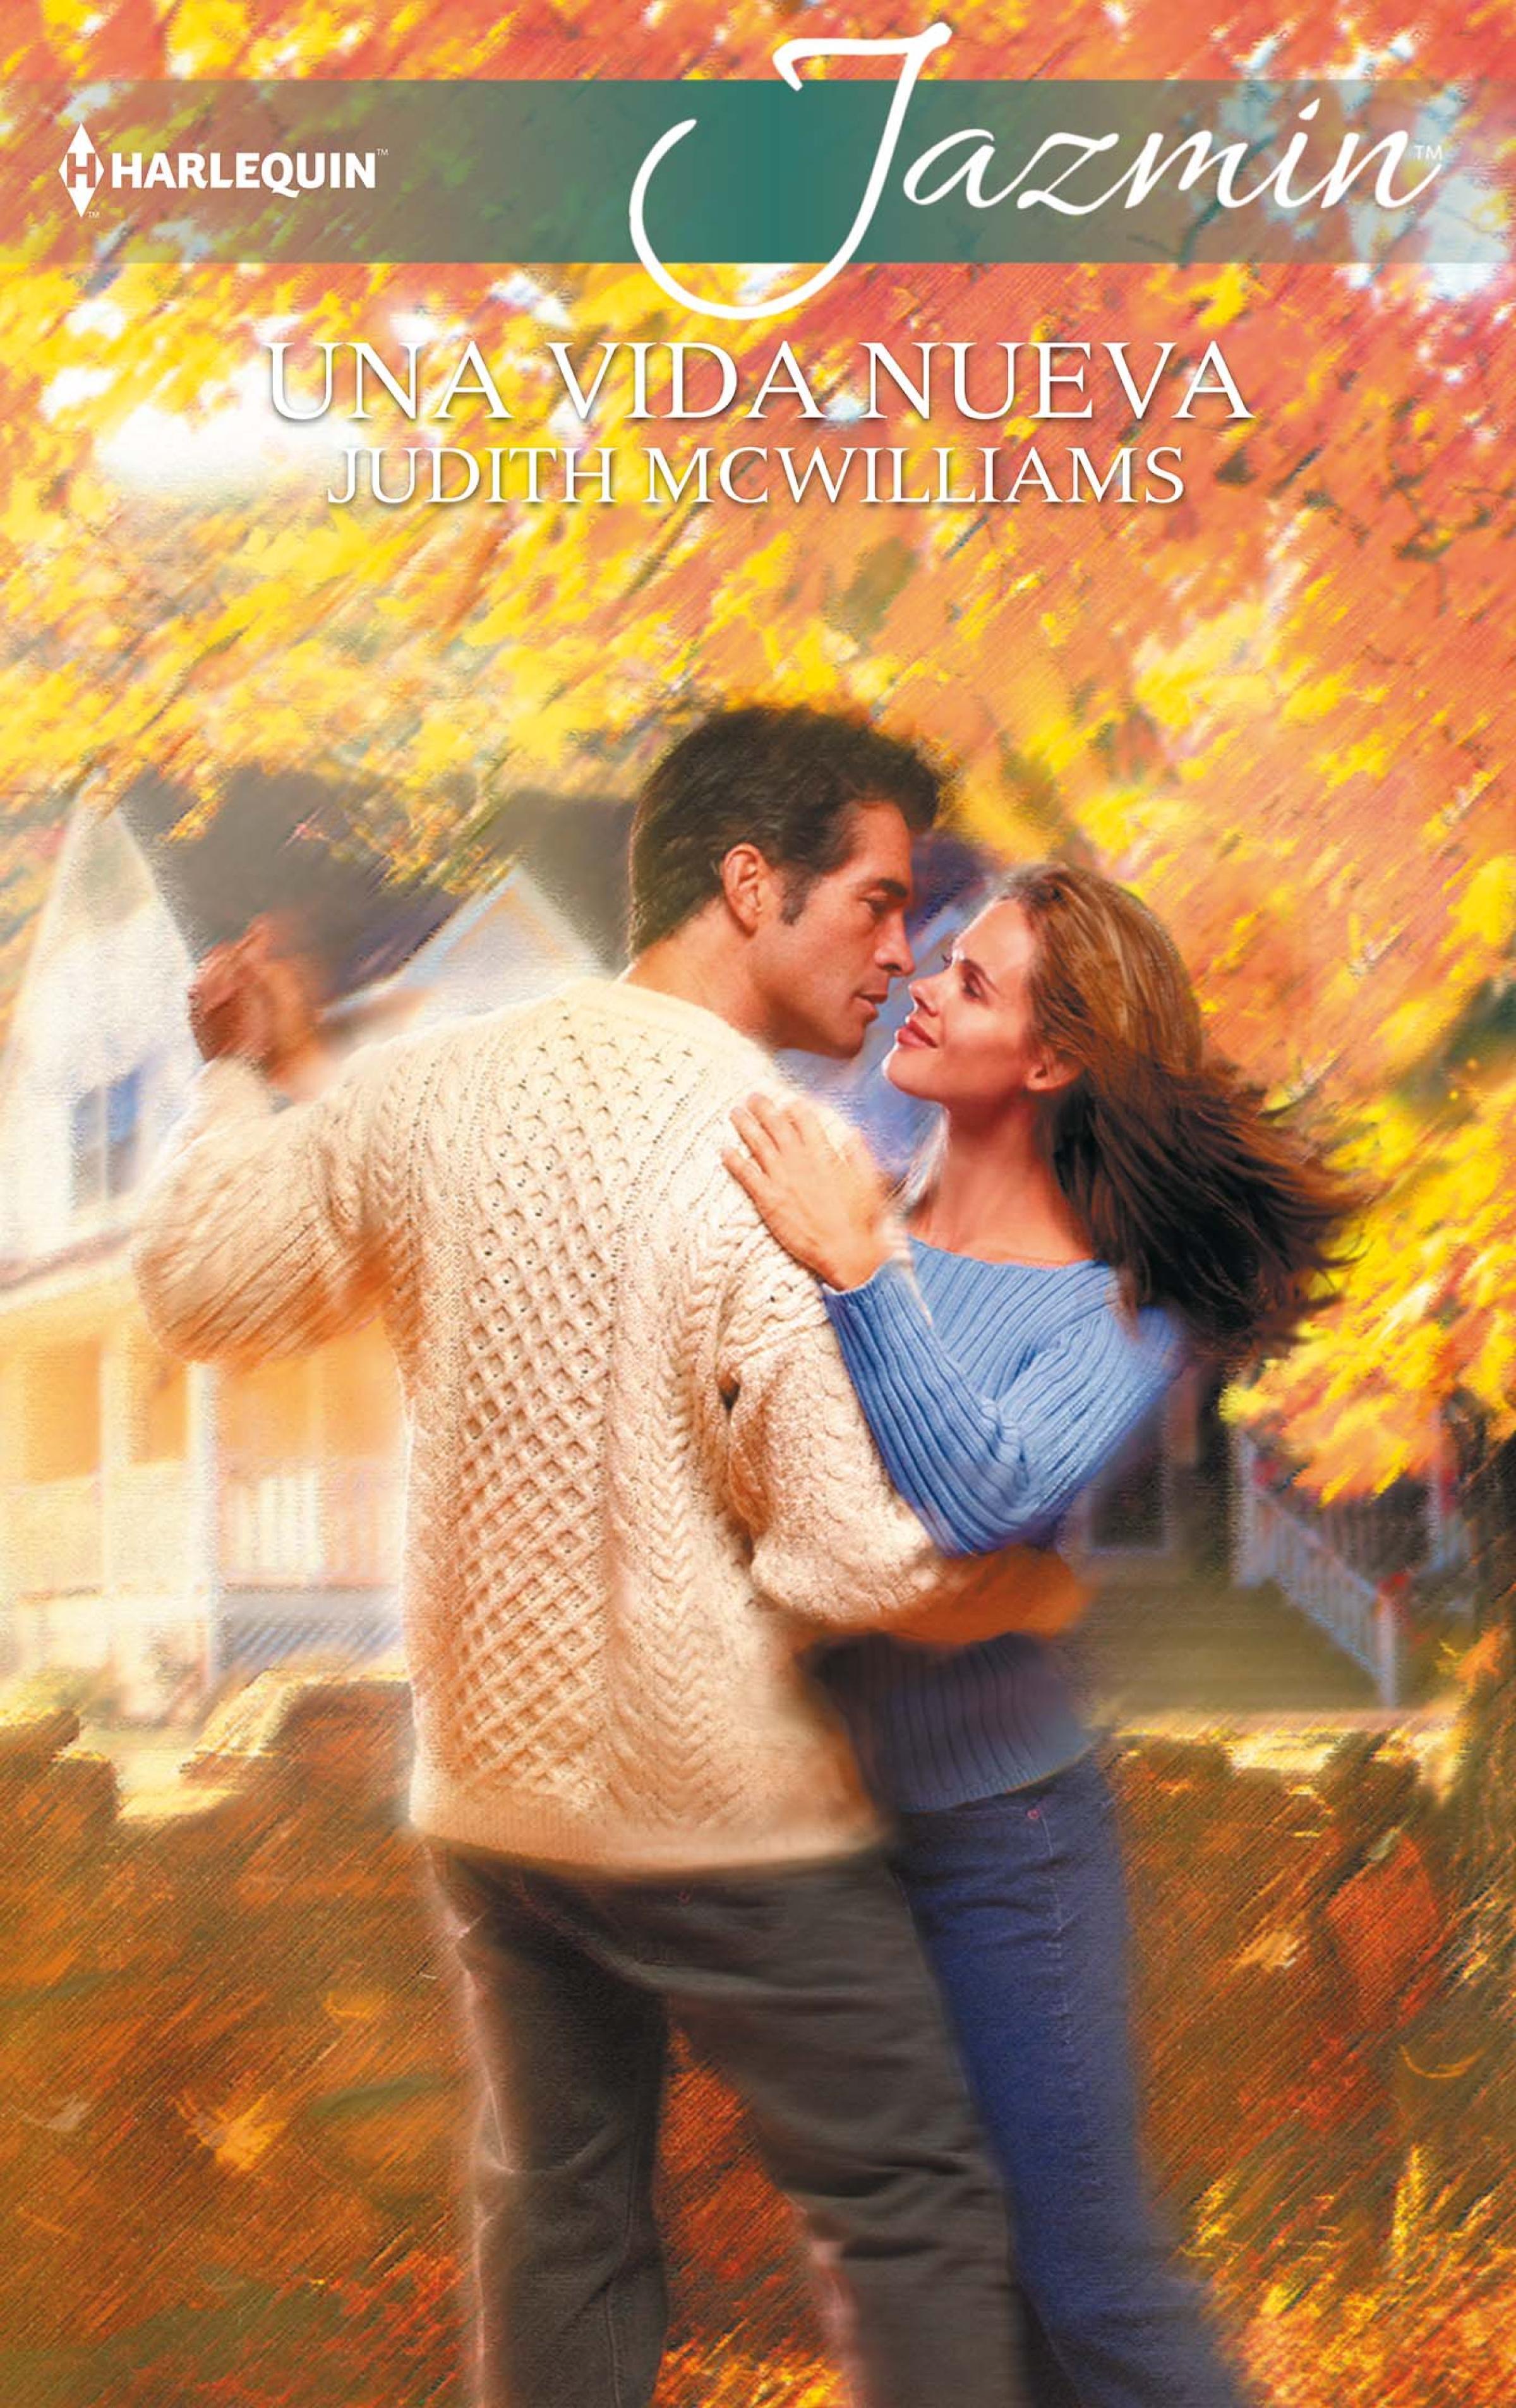 Judith Mcwilliams Una vida nueva concepcion gonzalez una nueva vida